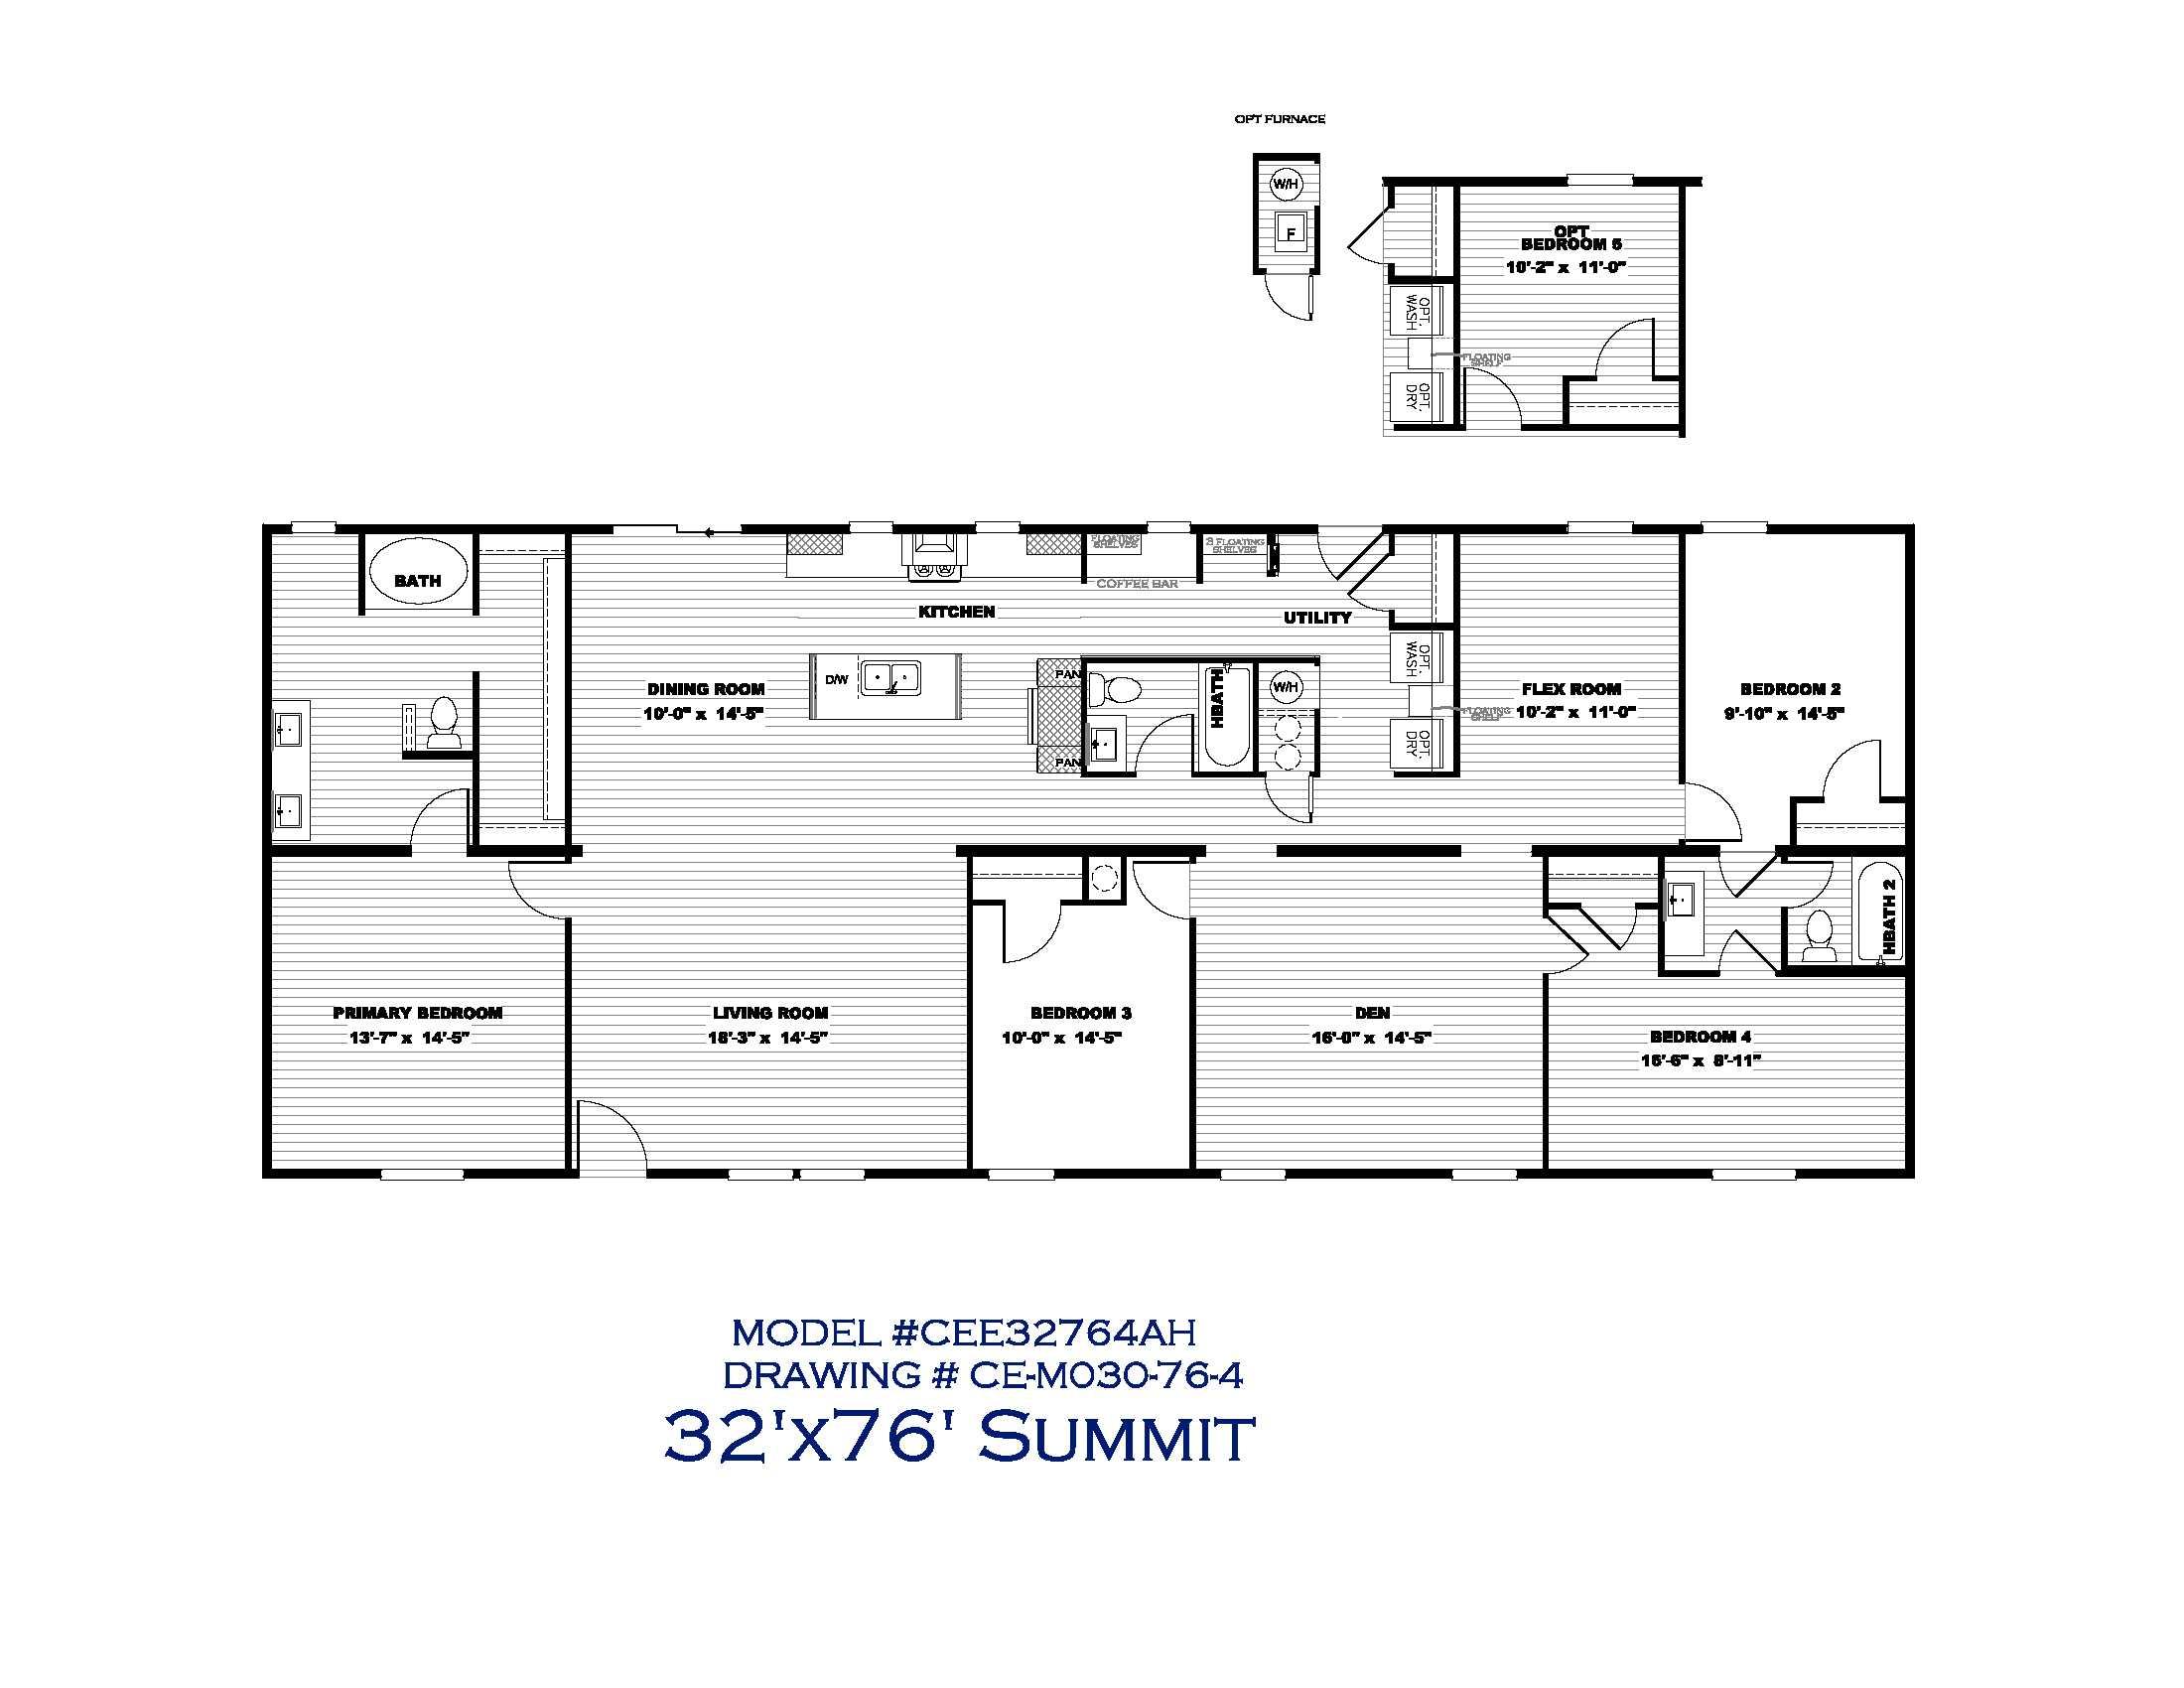 The Summit Floorplan